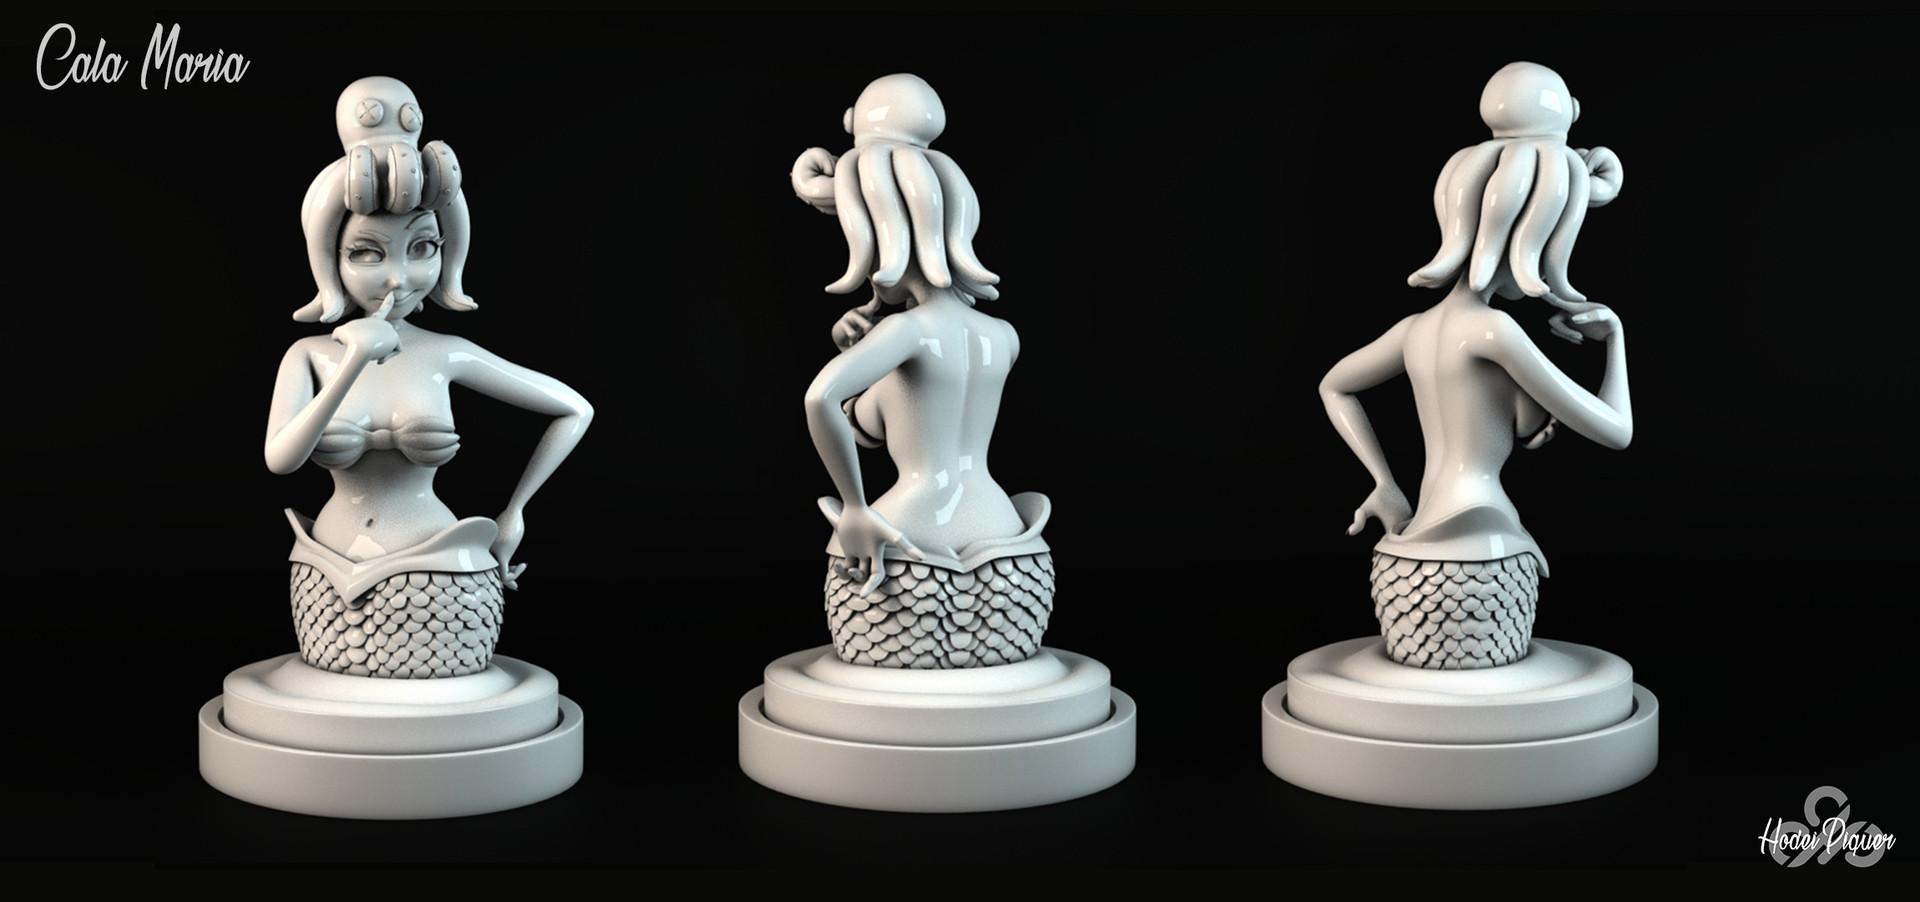 [Image: hodei-piquer-3-vistas-porcelana.jpg?1509237149]